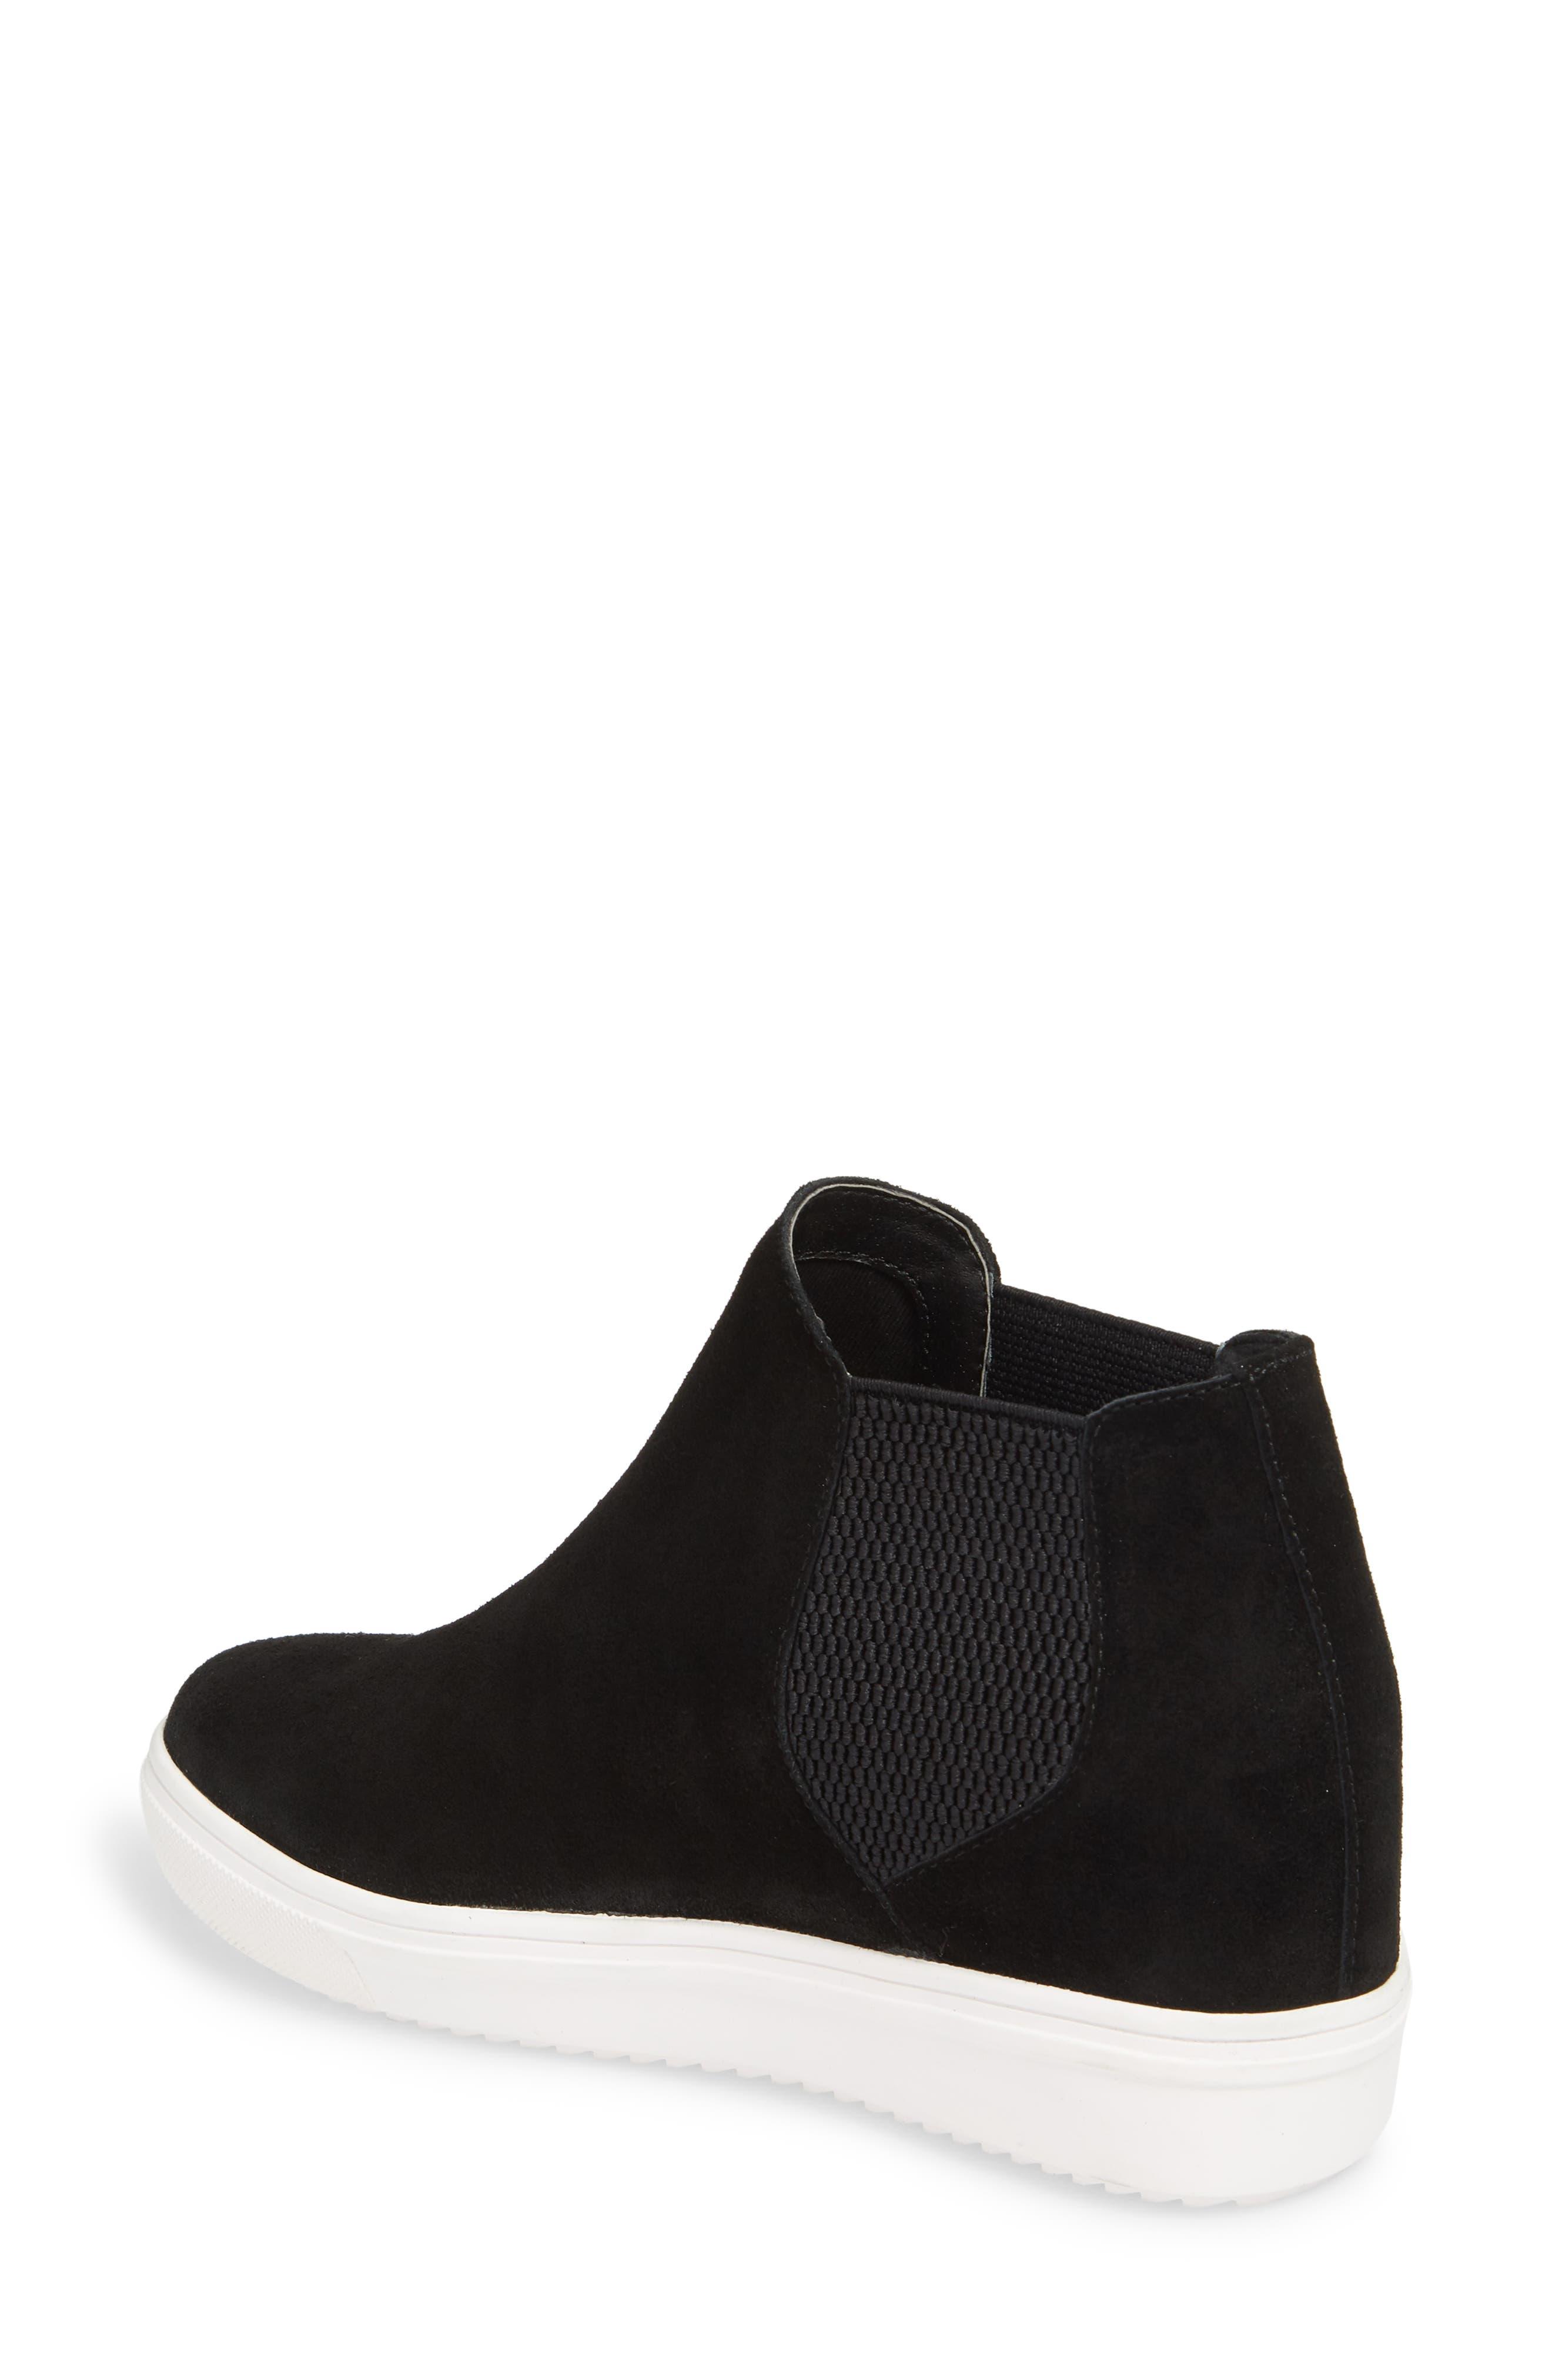 Sultan Chelsea Wedge Sneaker,                             Alternate thumbnail 2, color,                             BLACK SUEDE